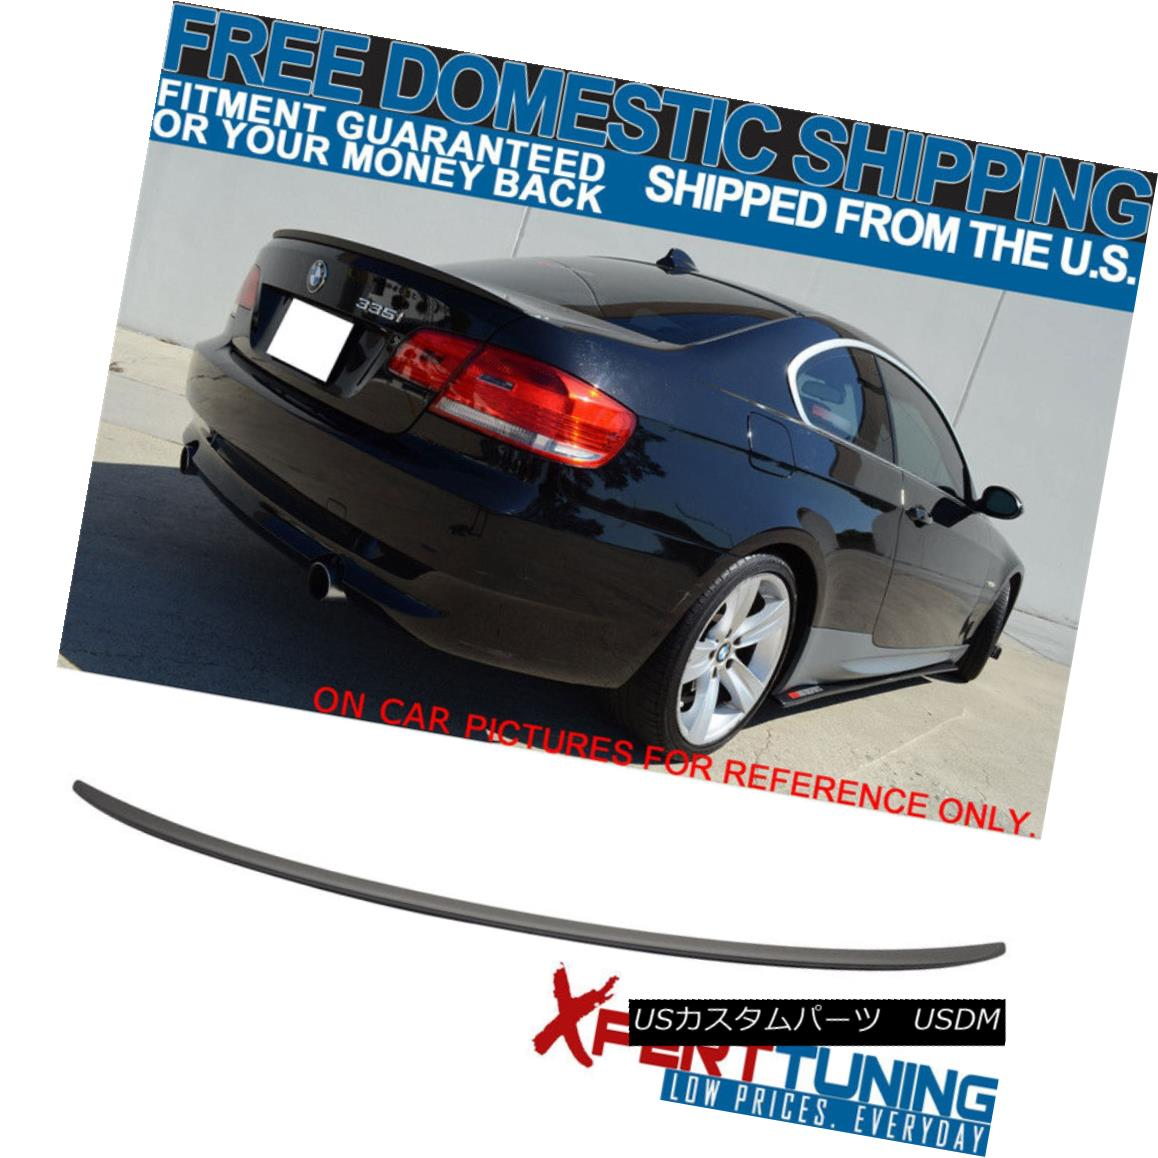 エアロパーツ 07-13 BMW E92 3 Series M3 Rear Trunk Lid Spoiler Wing ABS Painted Matte Black 07-13 BMW E92 3シリーズM3リアトランクリッドスポイラーウイングABS塗装マットブラック